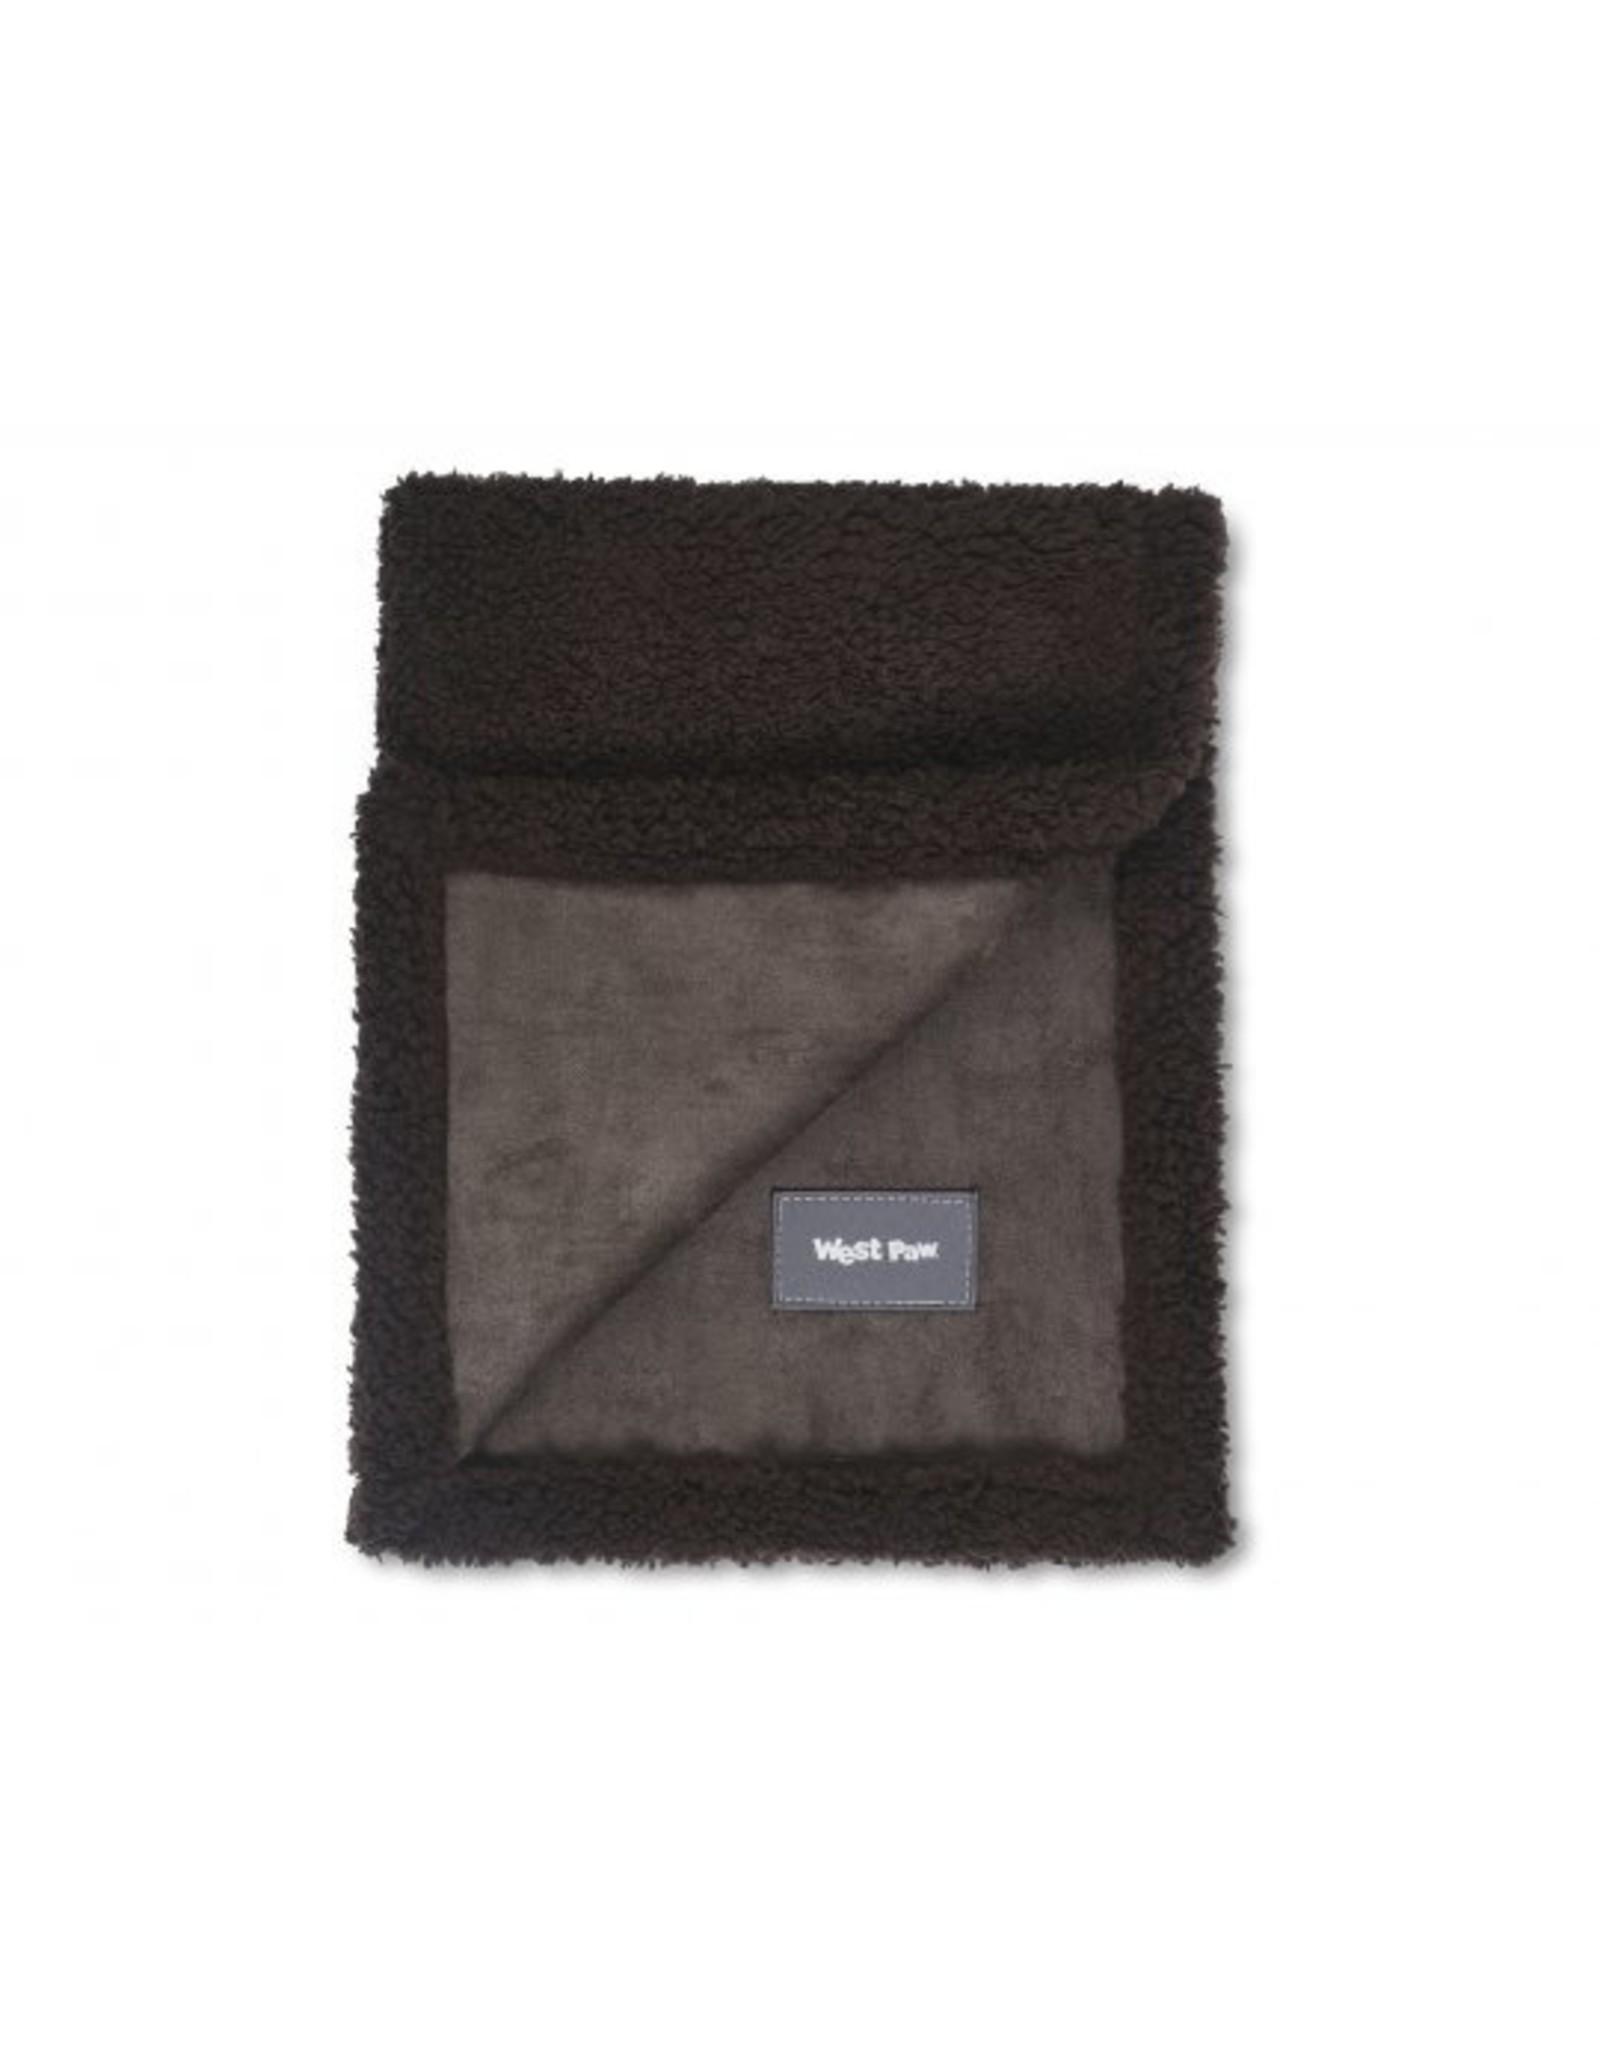 West Paw Designs Westpaw: Big Sky Blanket M 56x38 Chocolate